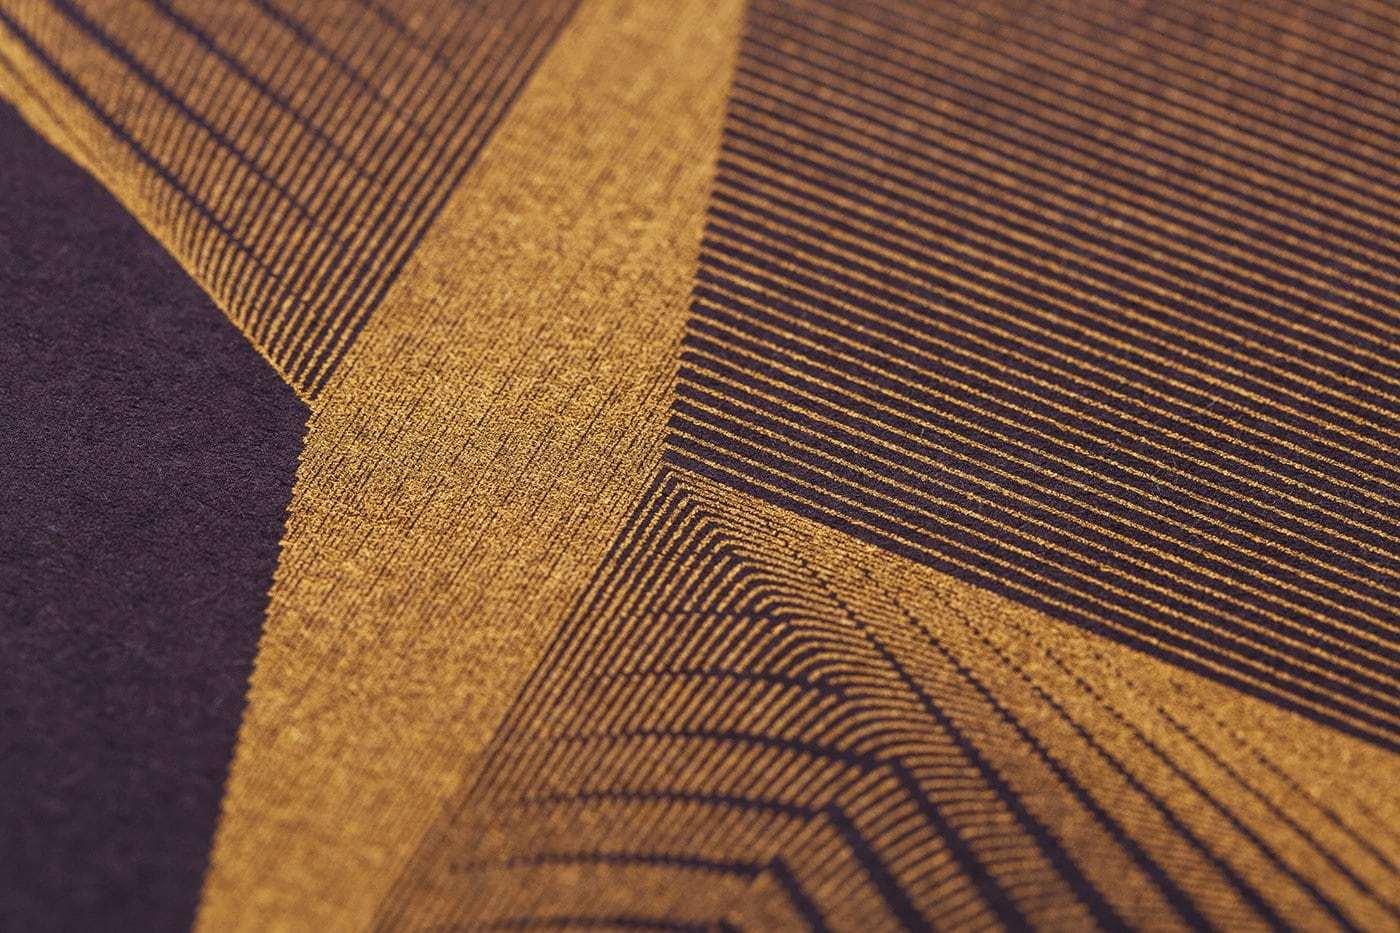 Design Trends 2020 - 04: Gold, Kupfer, Schimmer - Foto von FUNDAMENTAL Studio